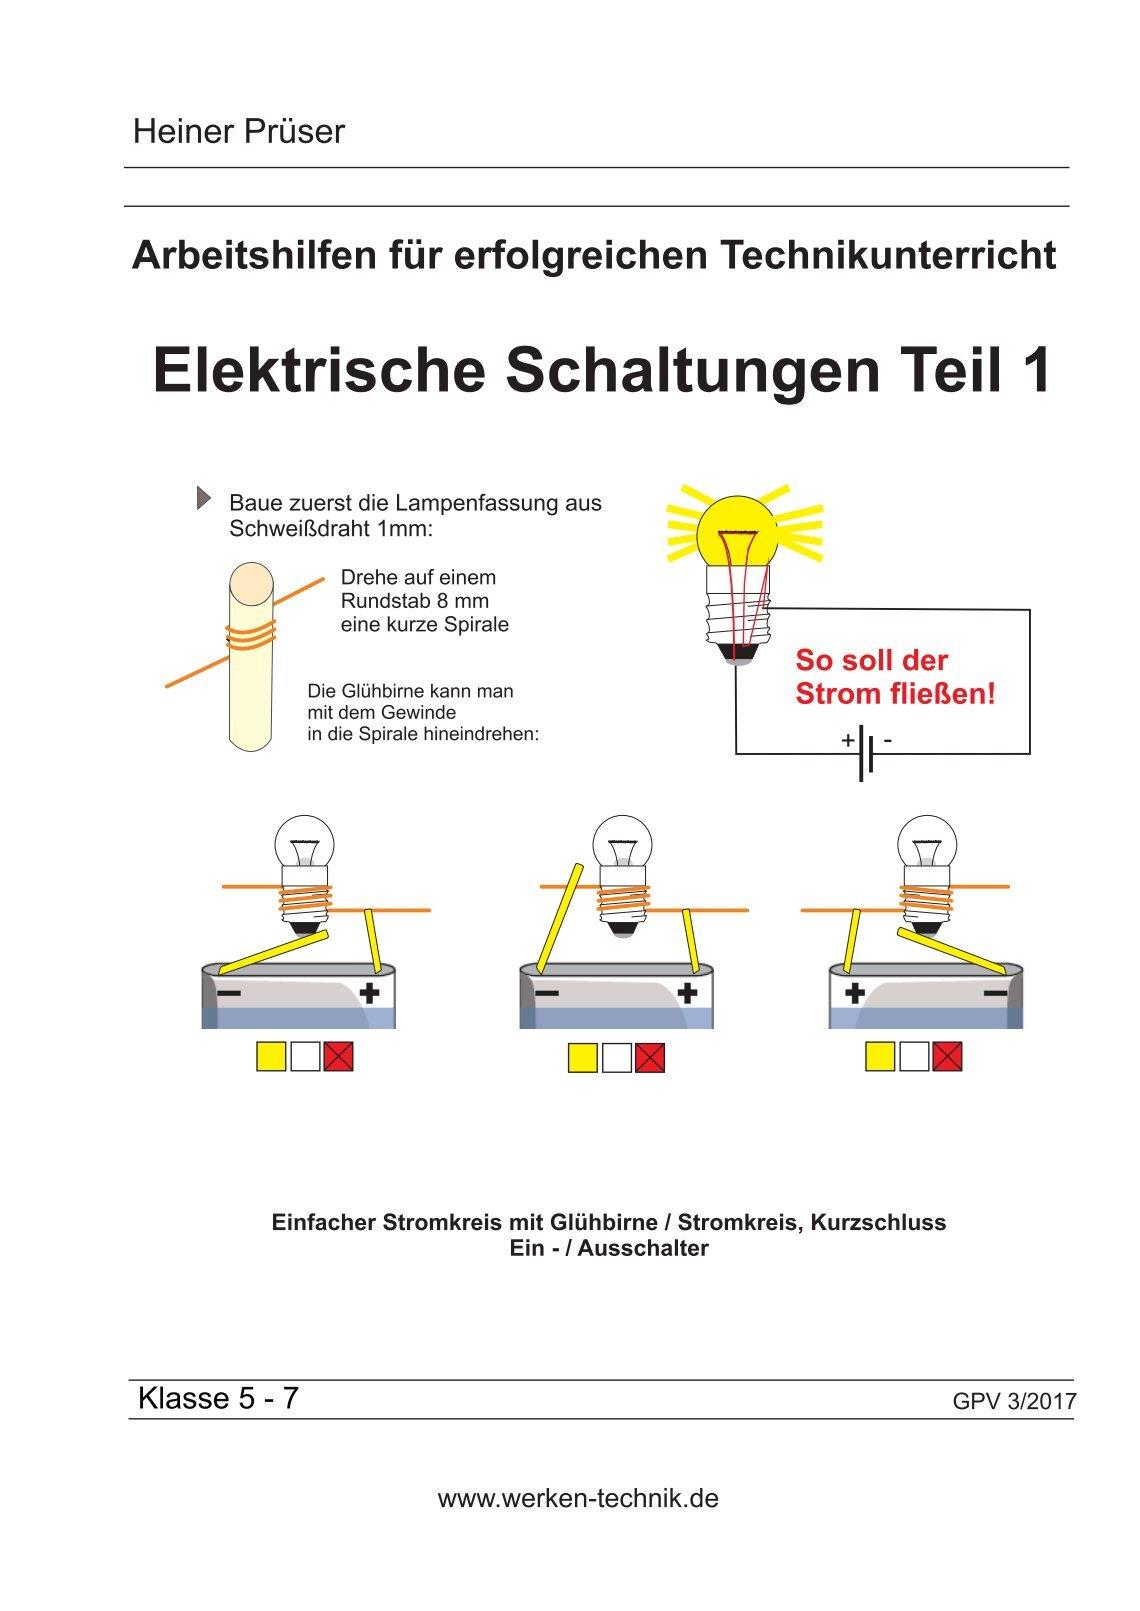 Groß Elektrische Schaltungen 101 Bilder - Elektrische Schaltplan ...